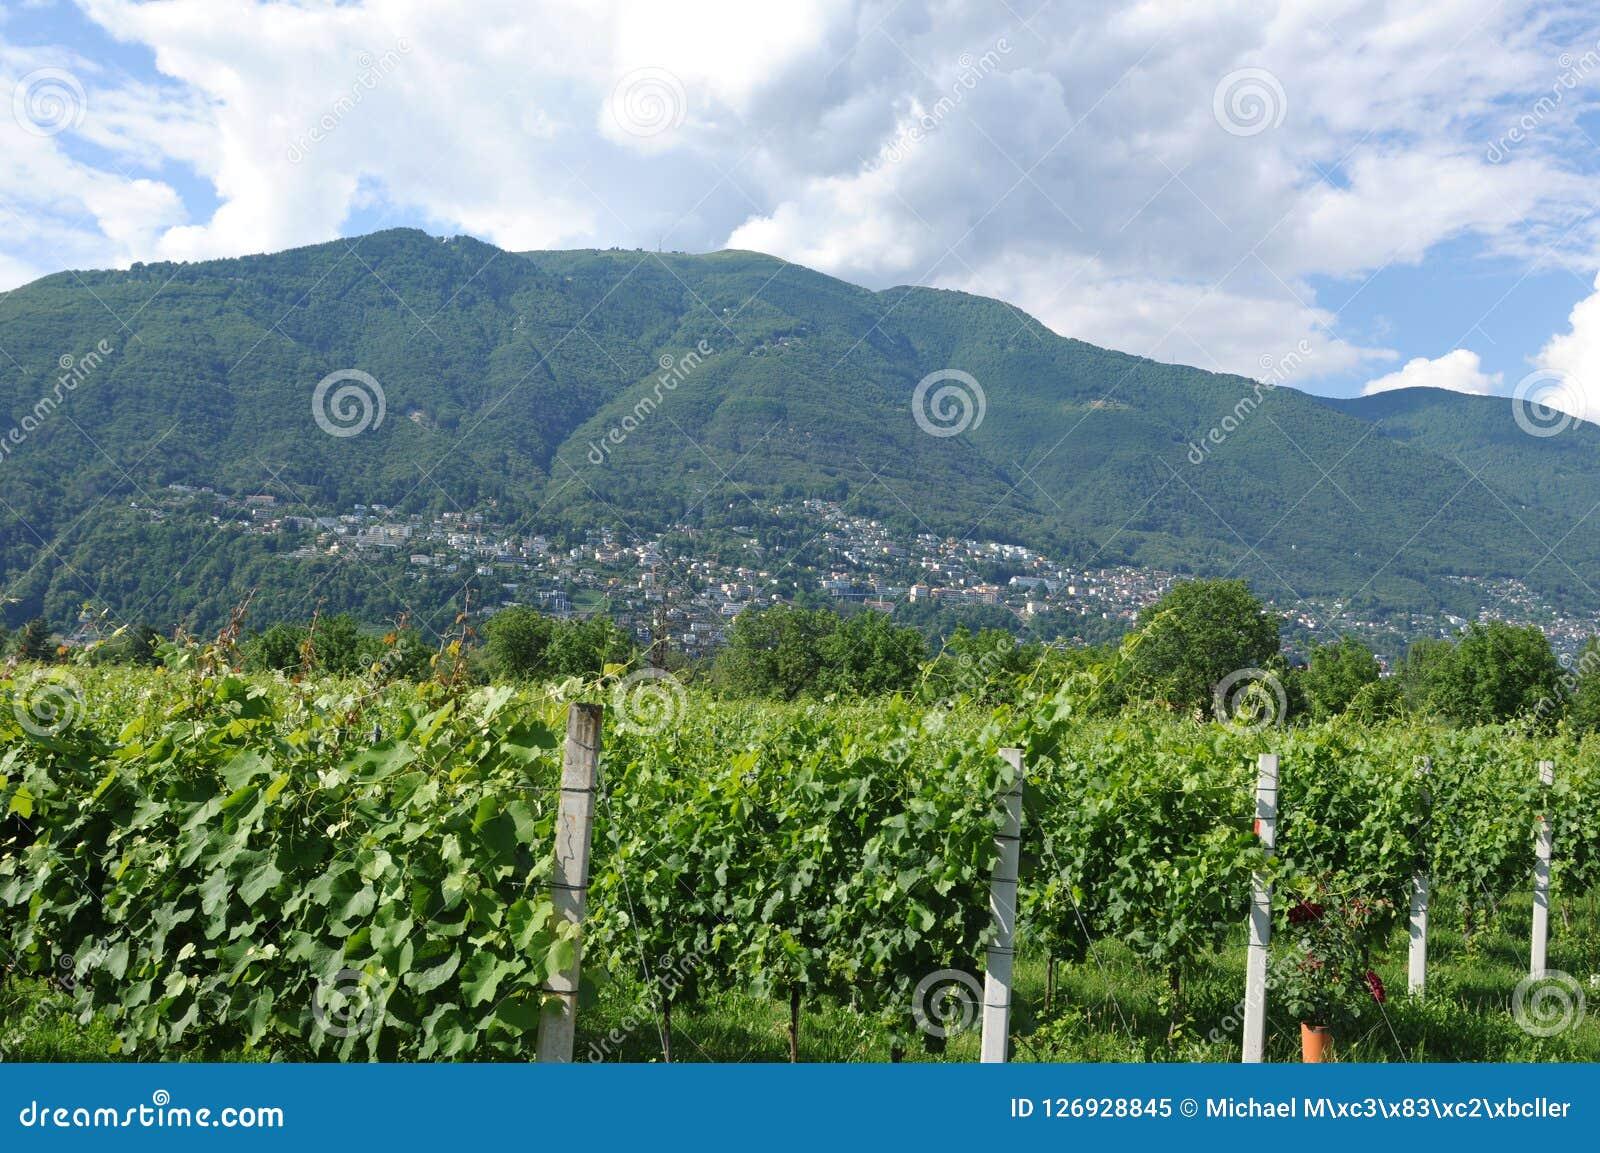 Południowy Szwajcaria: Wino jardy w Maggia Rzecznej delcie blisko Asc